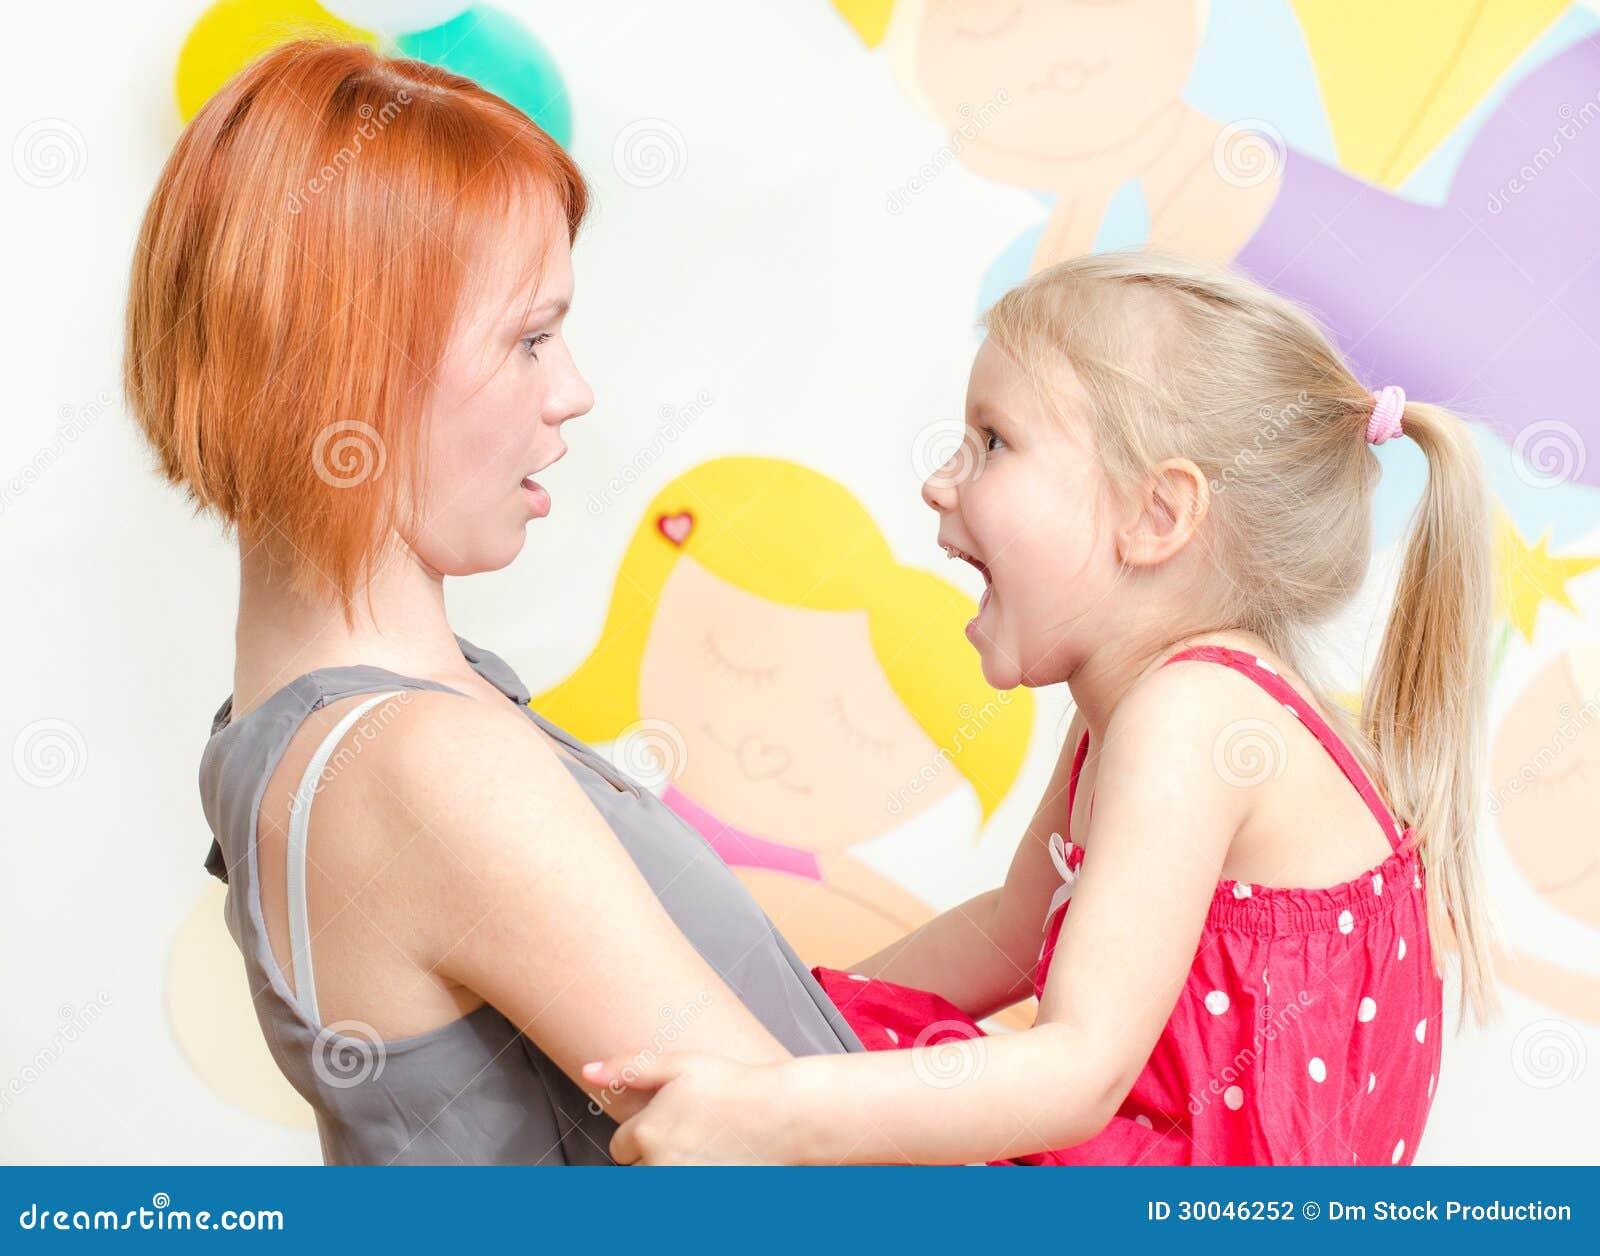 Смотреть мальчик орет на маму 1 фотография